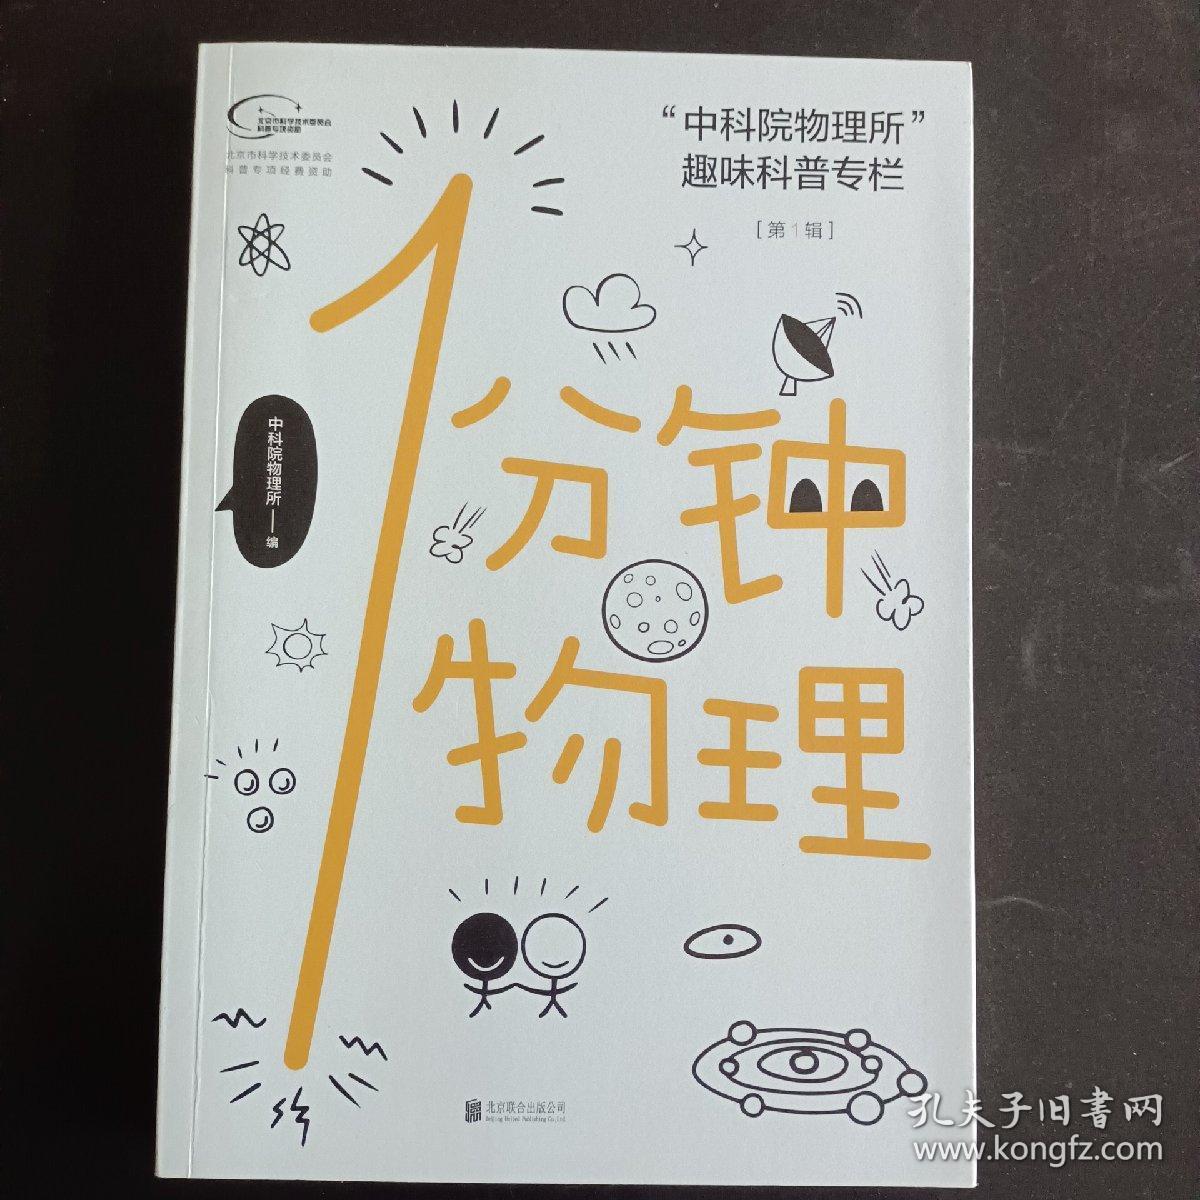 """1分钟物理:""""中科院物理所""""趣味科普专栏【第一辑】"""